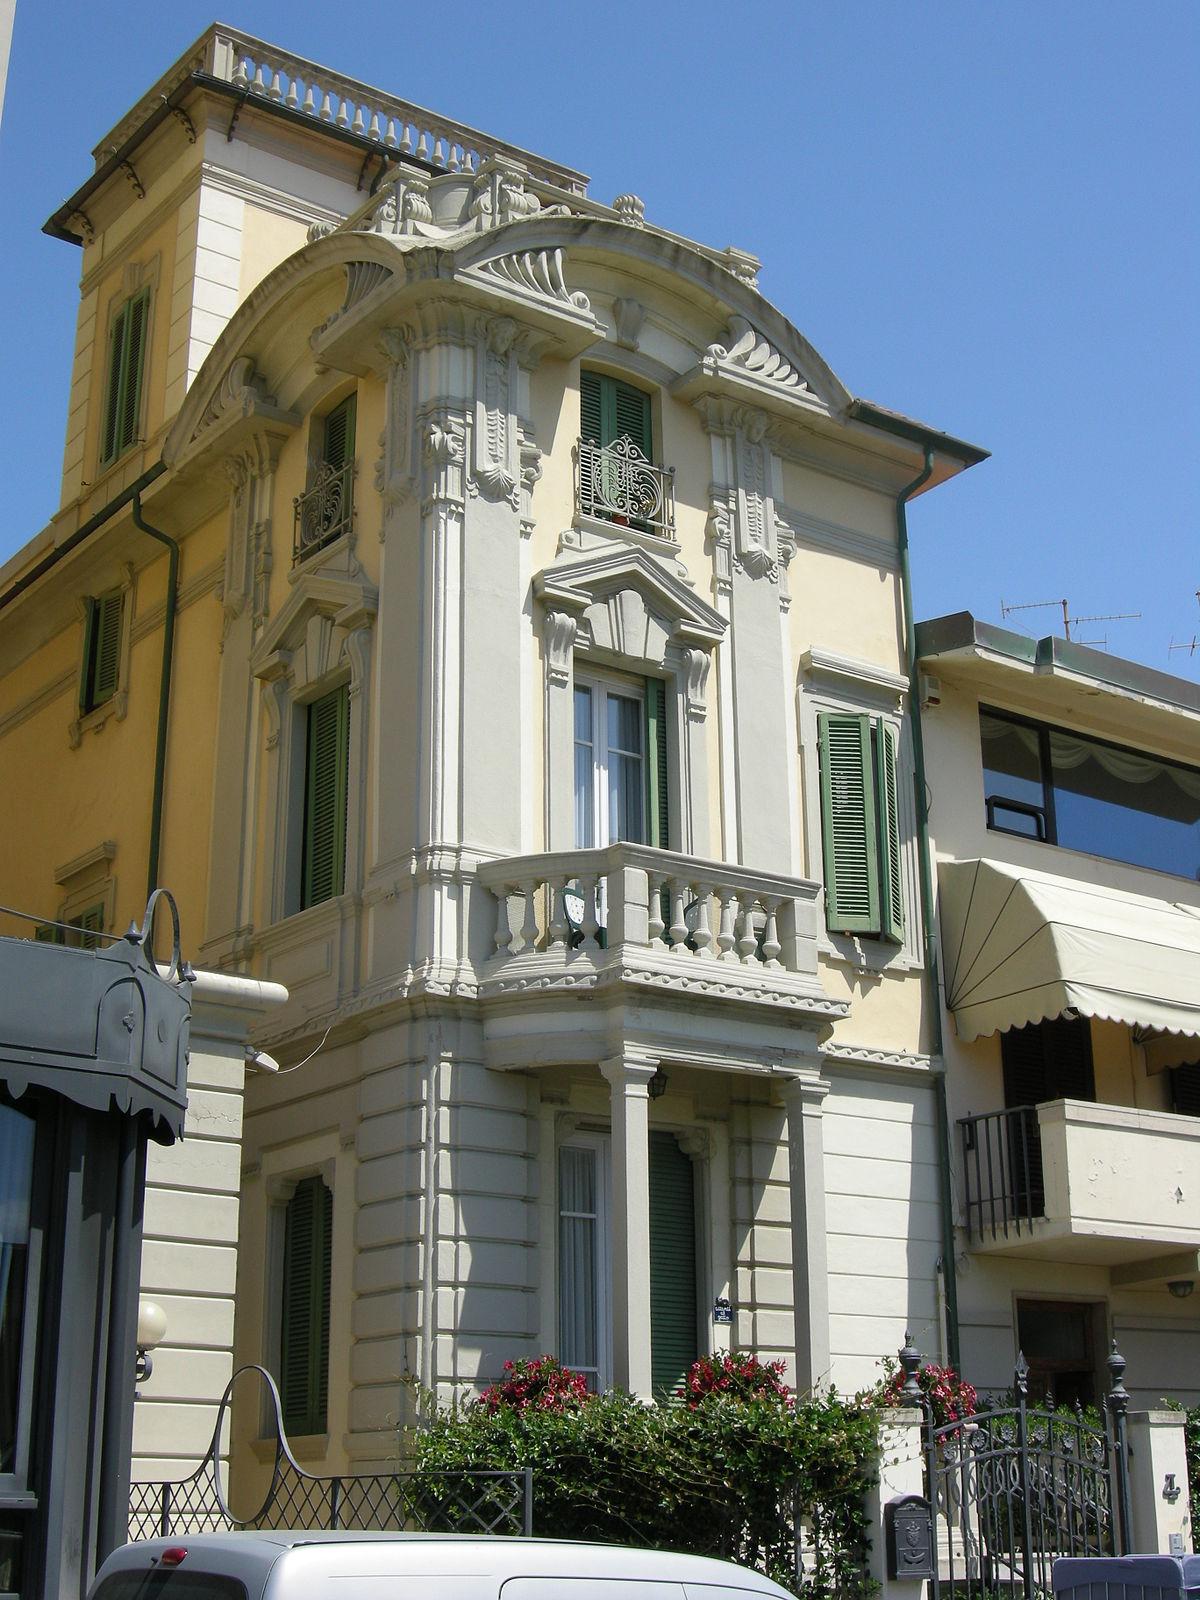 Villino Il Guscio  Wikipedia